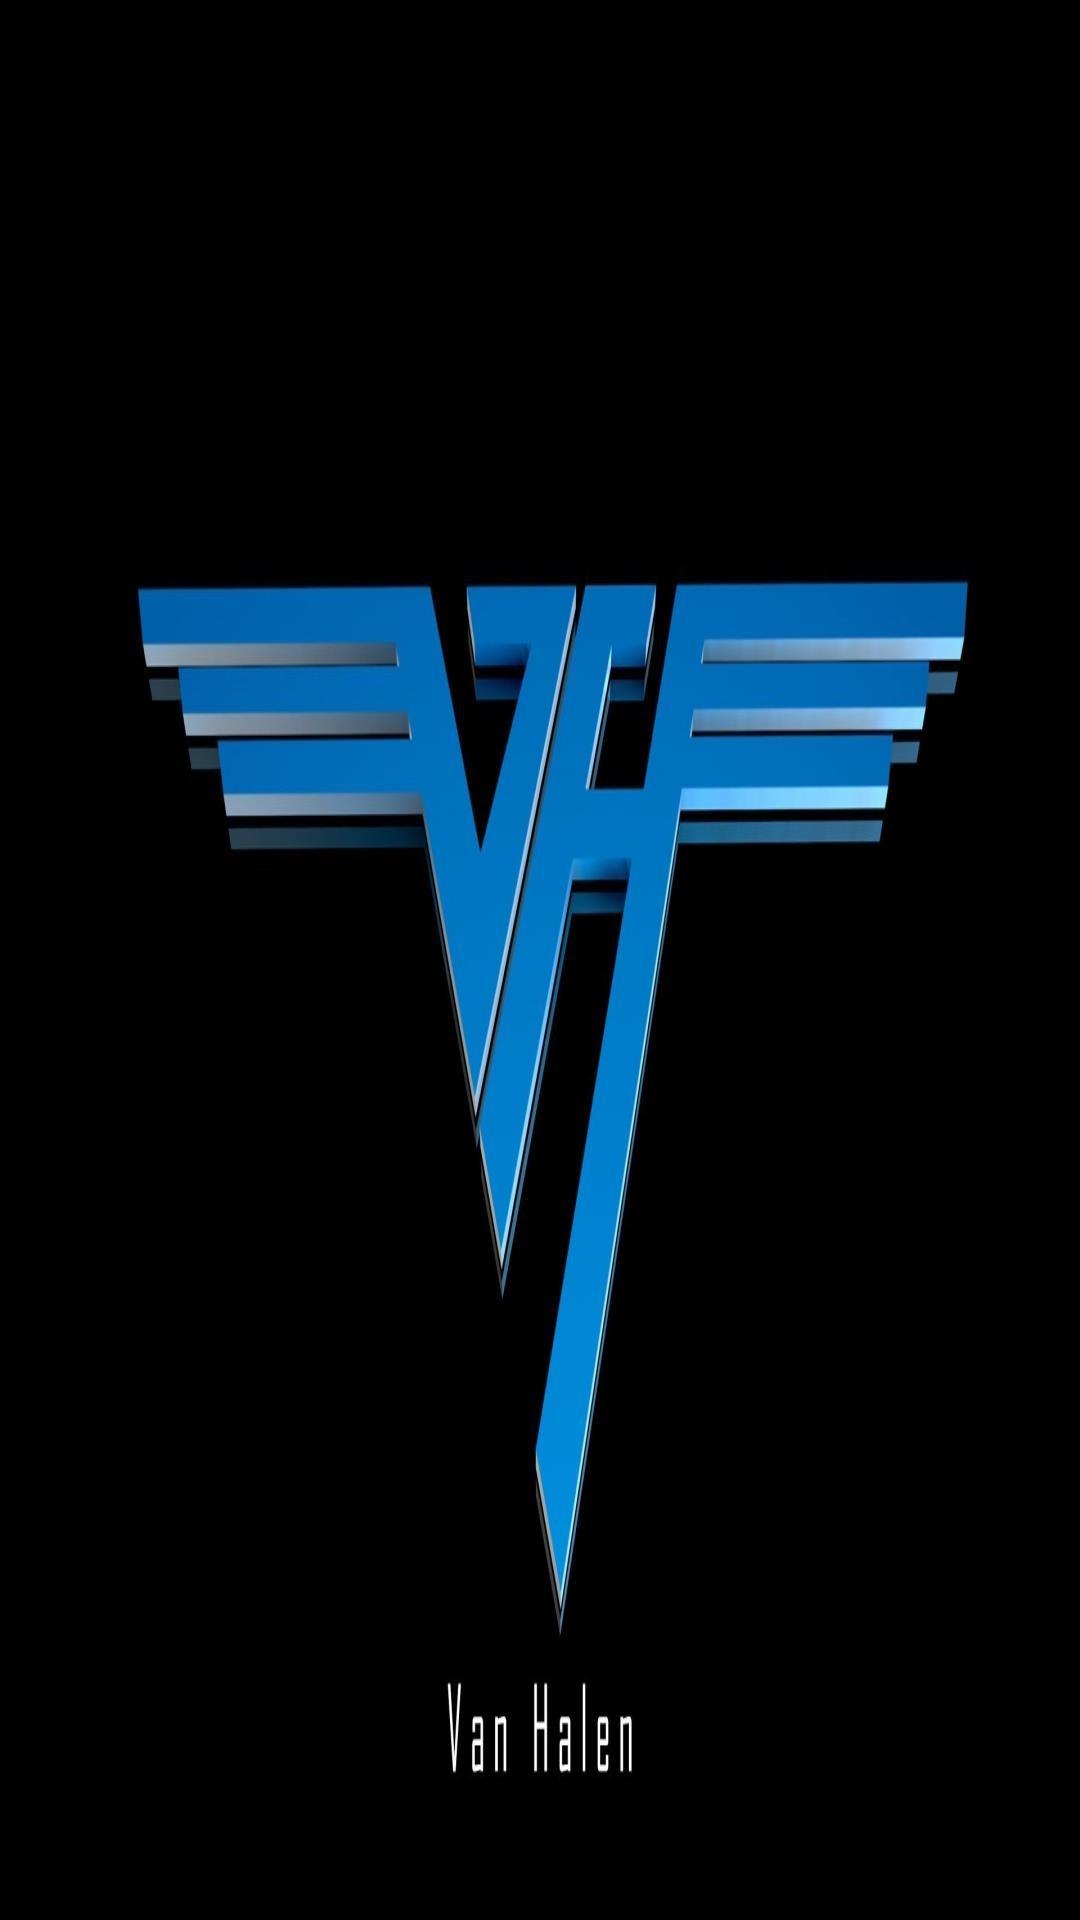 Van Halen Desktop Wallpaper